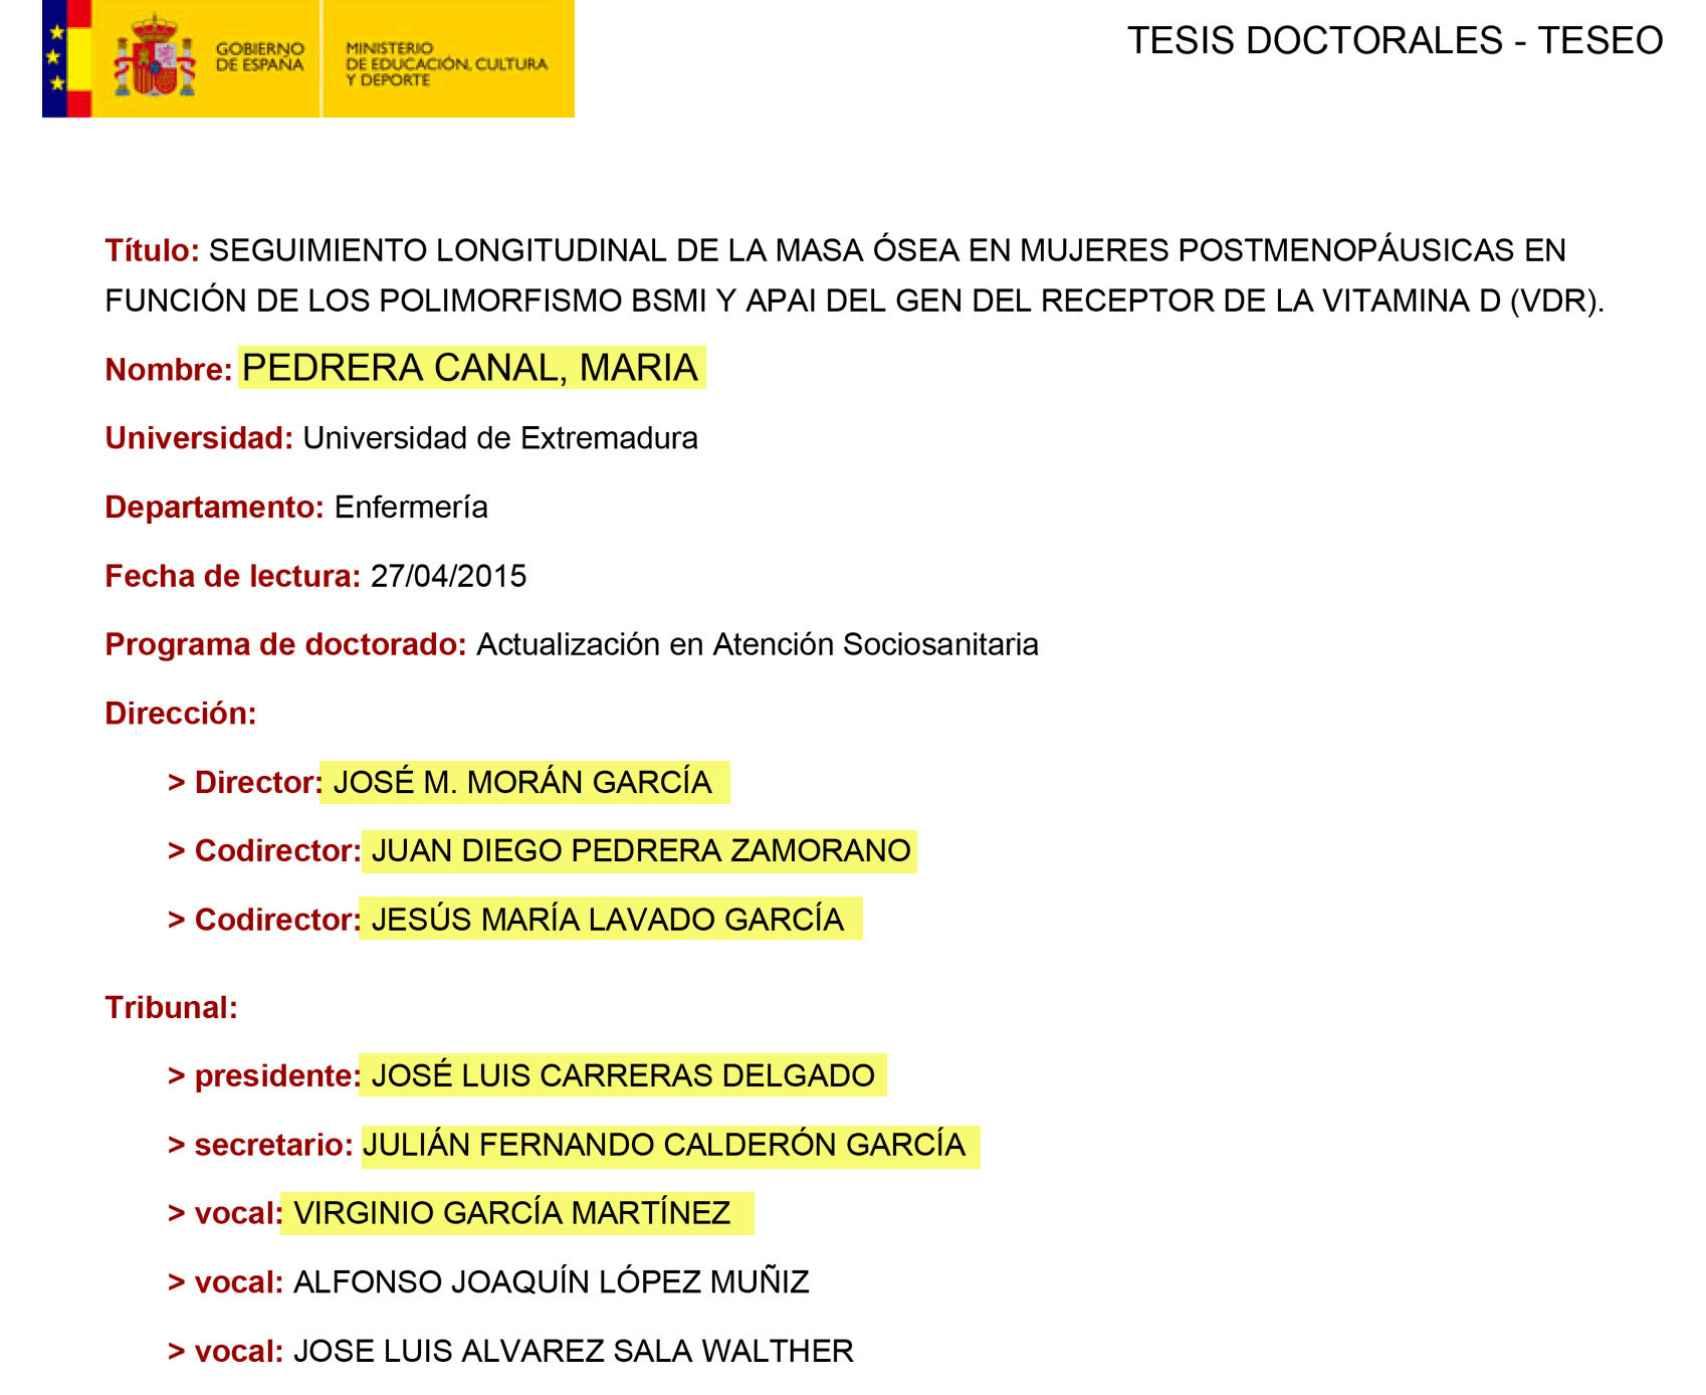 Tribunal de tesis de María Pedrera Canal, hija del asesor del rector de la Universidad de Extremadura